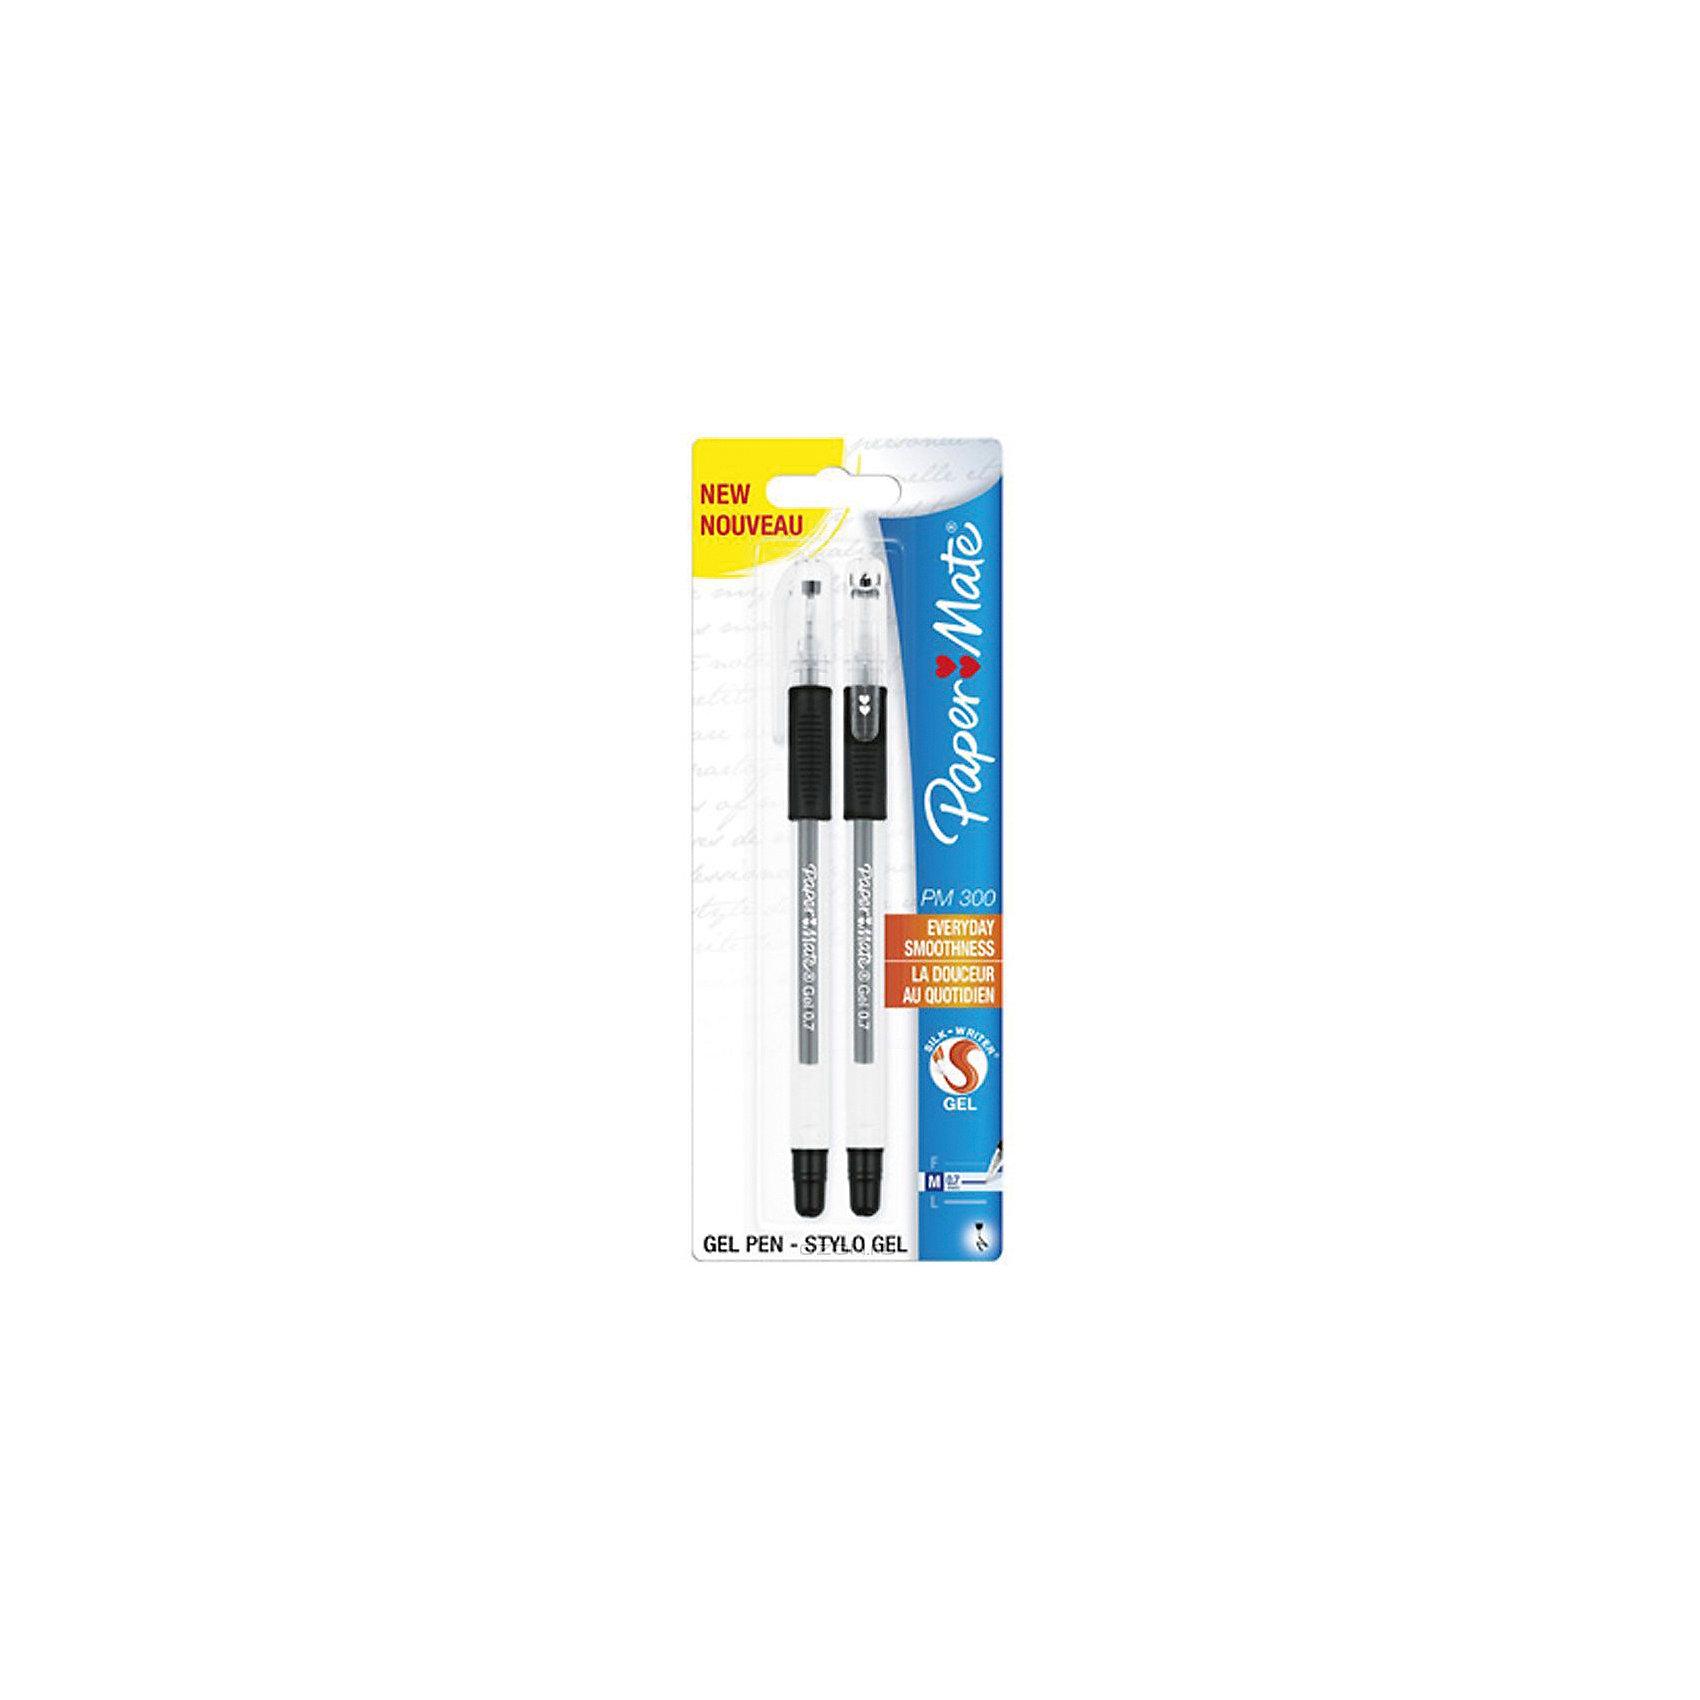 Ручка гелевая Paper mate PM 300 2 шт, чернаяПисьменные принадлежности<br>Характеристики товара:<br><br>• в комплекте: 2 ручки;<br>• толщина пишущего узла: 0,7 мм;<br>• резиновая манжета;<br>• цвет чернил: черный;<br>• размер упаковки: 1х3х17 см;<br>• вес: 27 грамм;<br>• возраст: от 3 лет.<br><br>Гелевая ручка PM 300 имеет трехстороннюю зону захвата для удобства письма. Кроме того, зона захвата дополнена резиновой манжетой, чтобы ручка не скользила в руке во время использования. Стержень оставляет на бумаге равномерные линии средней толщины.<br><br>PAPER MATE (Пэйпер Мэйт) Ручку гелевую PM 300 можно купить в нашем интернет-магазине.<br><br>Ширина мм: 170<br>Глубина мм: 30<br>Высота мм: 10<br>Вес г: 27<br>Возраст от месяцев: 36<br>Возраст до месяцев: 2147483647<br>Пол: Унисекс<br>Возраст: Детский<br>SKU: 6884858